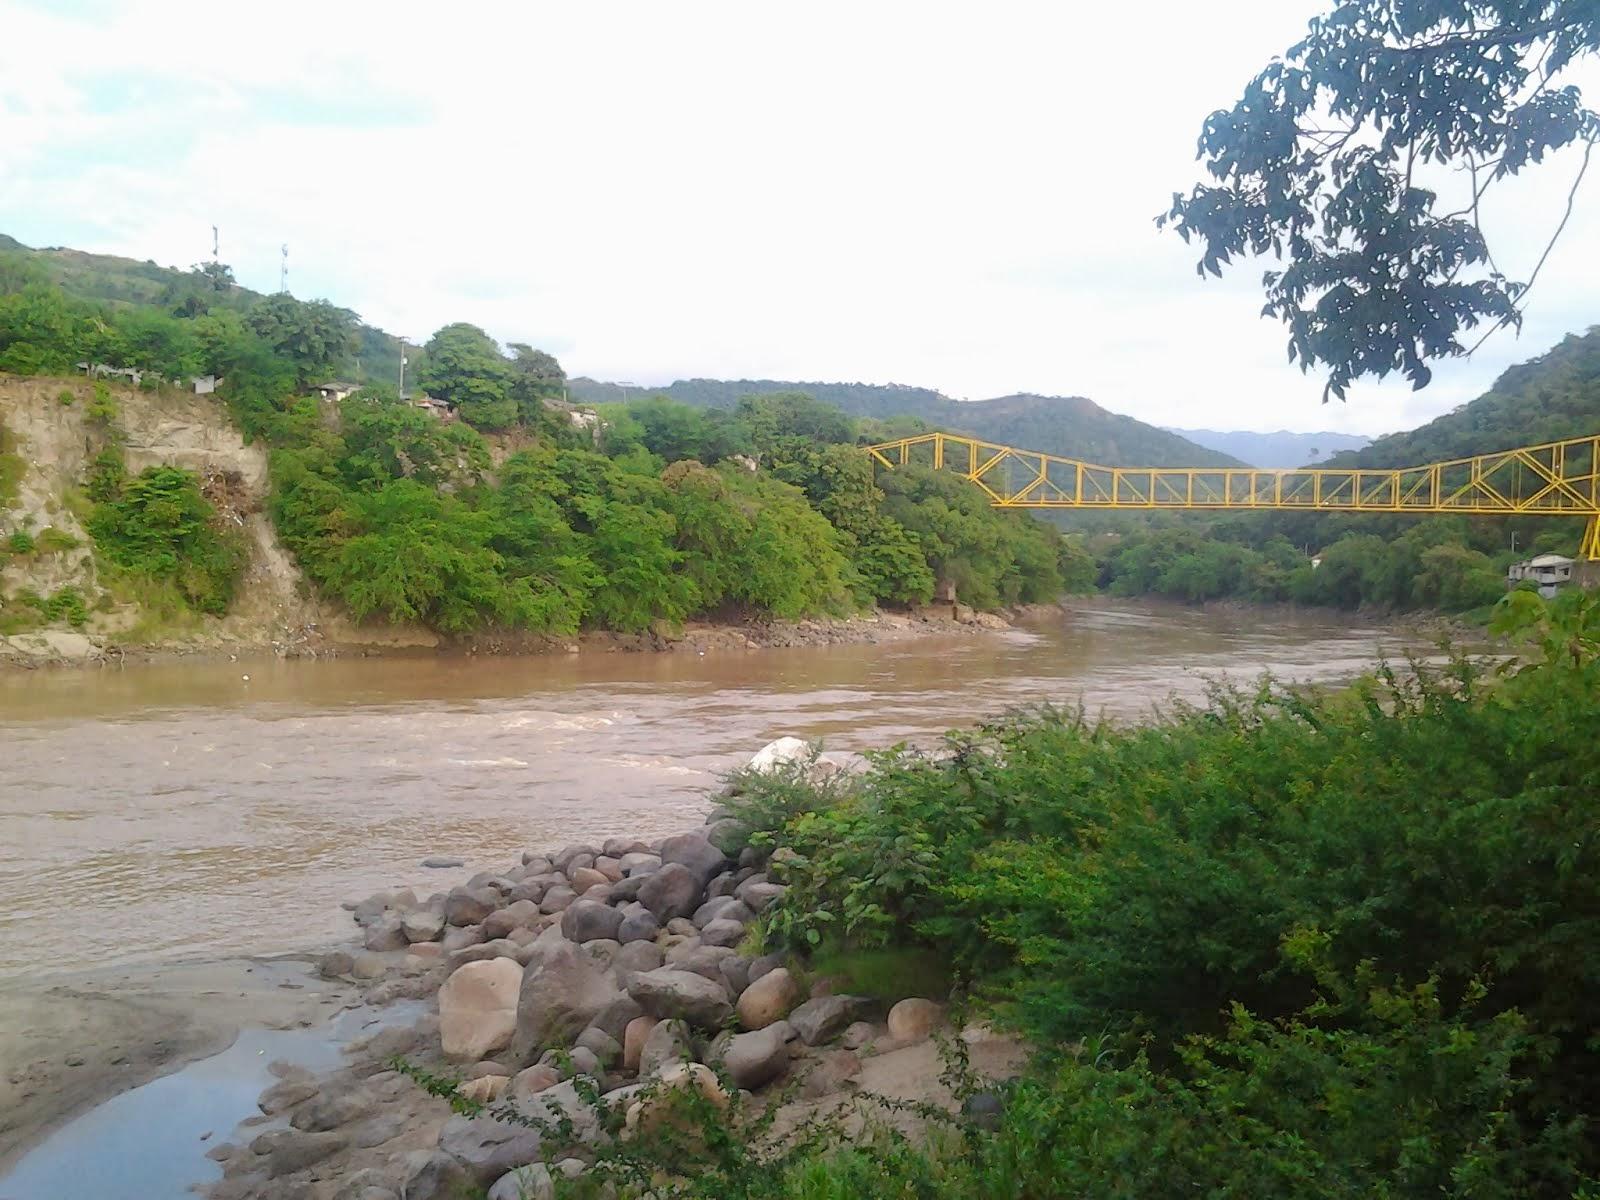 Los tesoros del rio